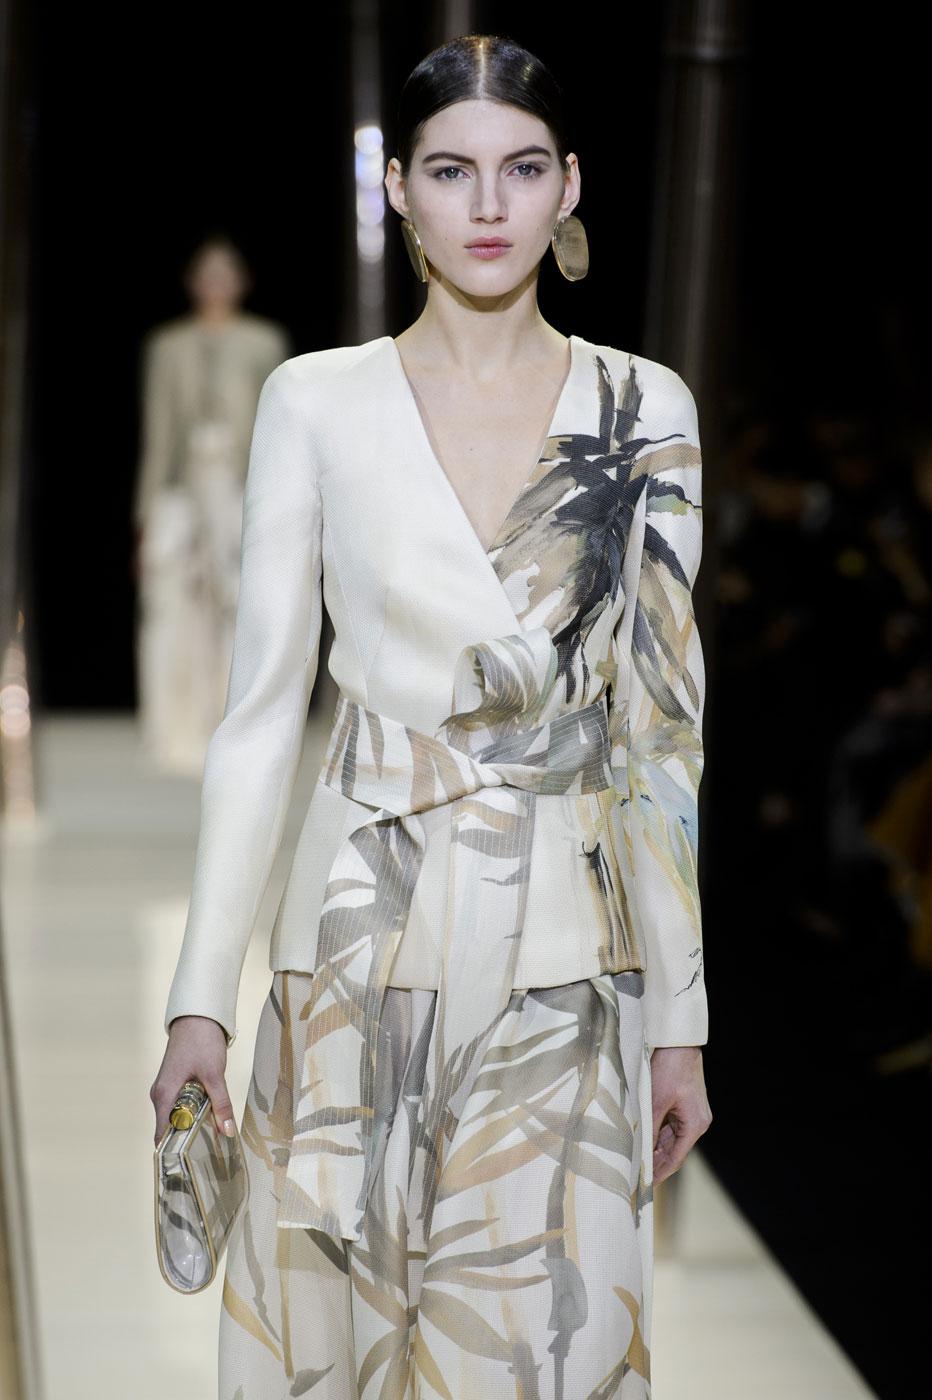 Giorgio-armani-Prive-fashion-runway-show-haute-couture-paris-spring-2015-the-impression-010